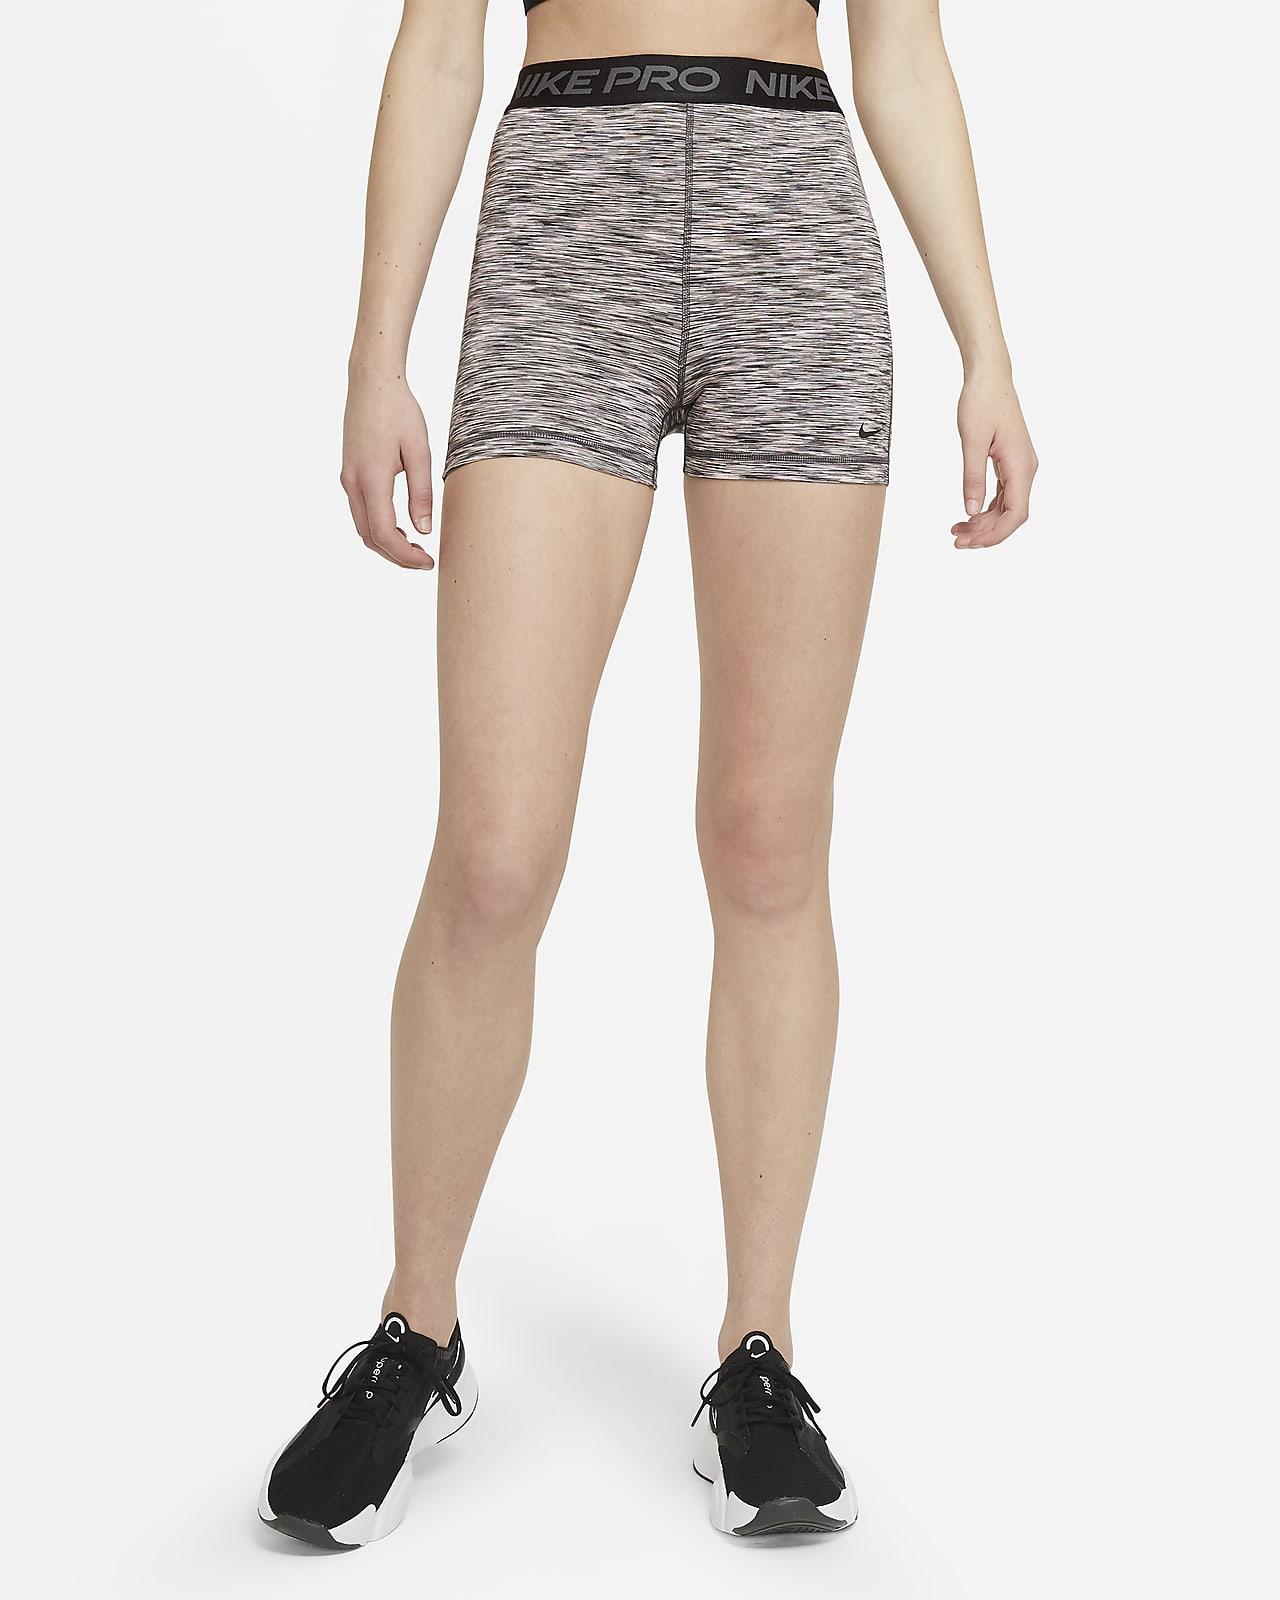 Nike Pro Damenshorts mit Space-Dye (ca. 12,5 cm)